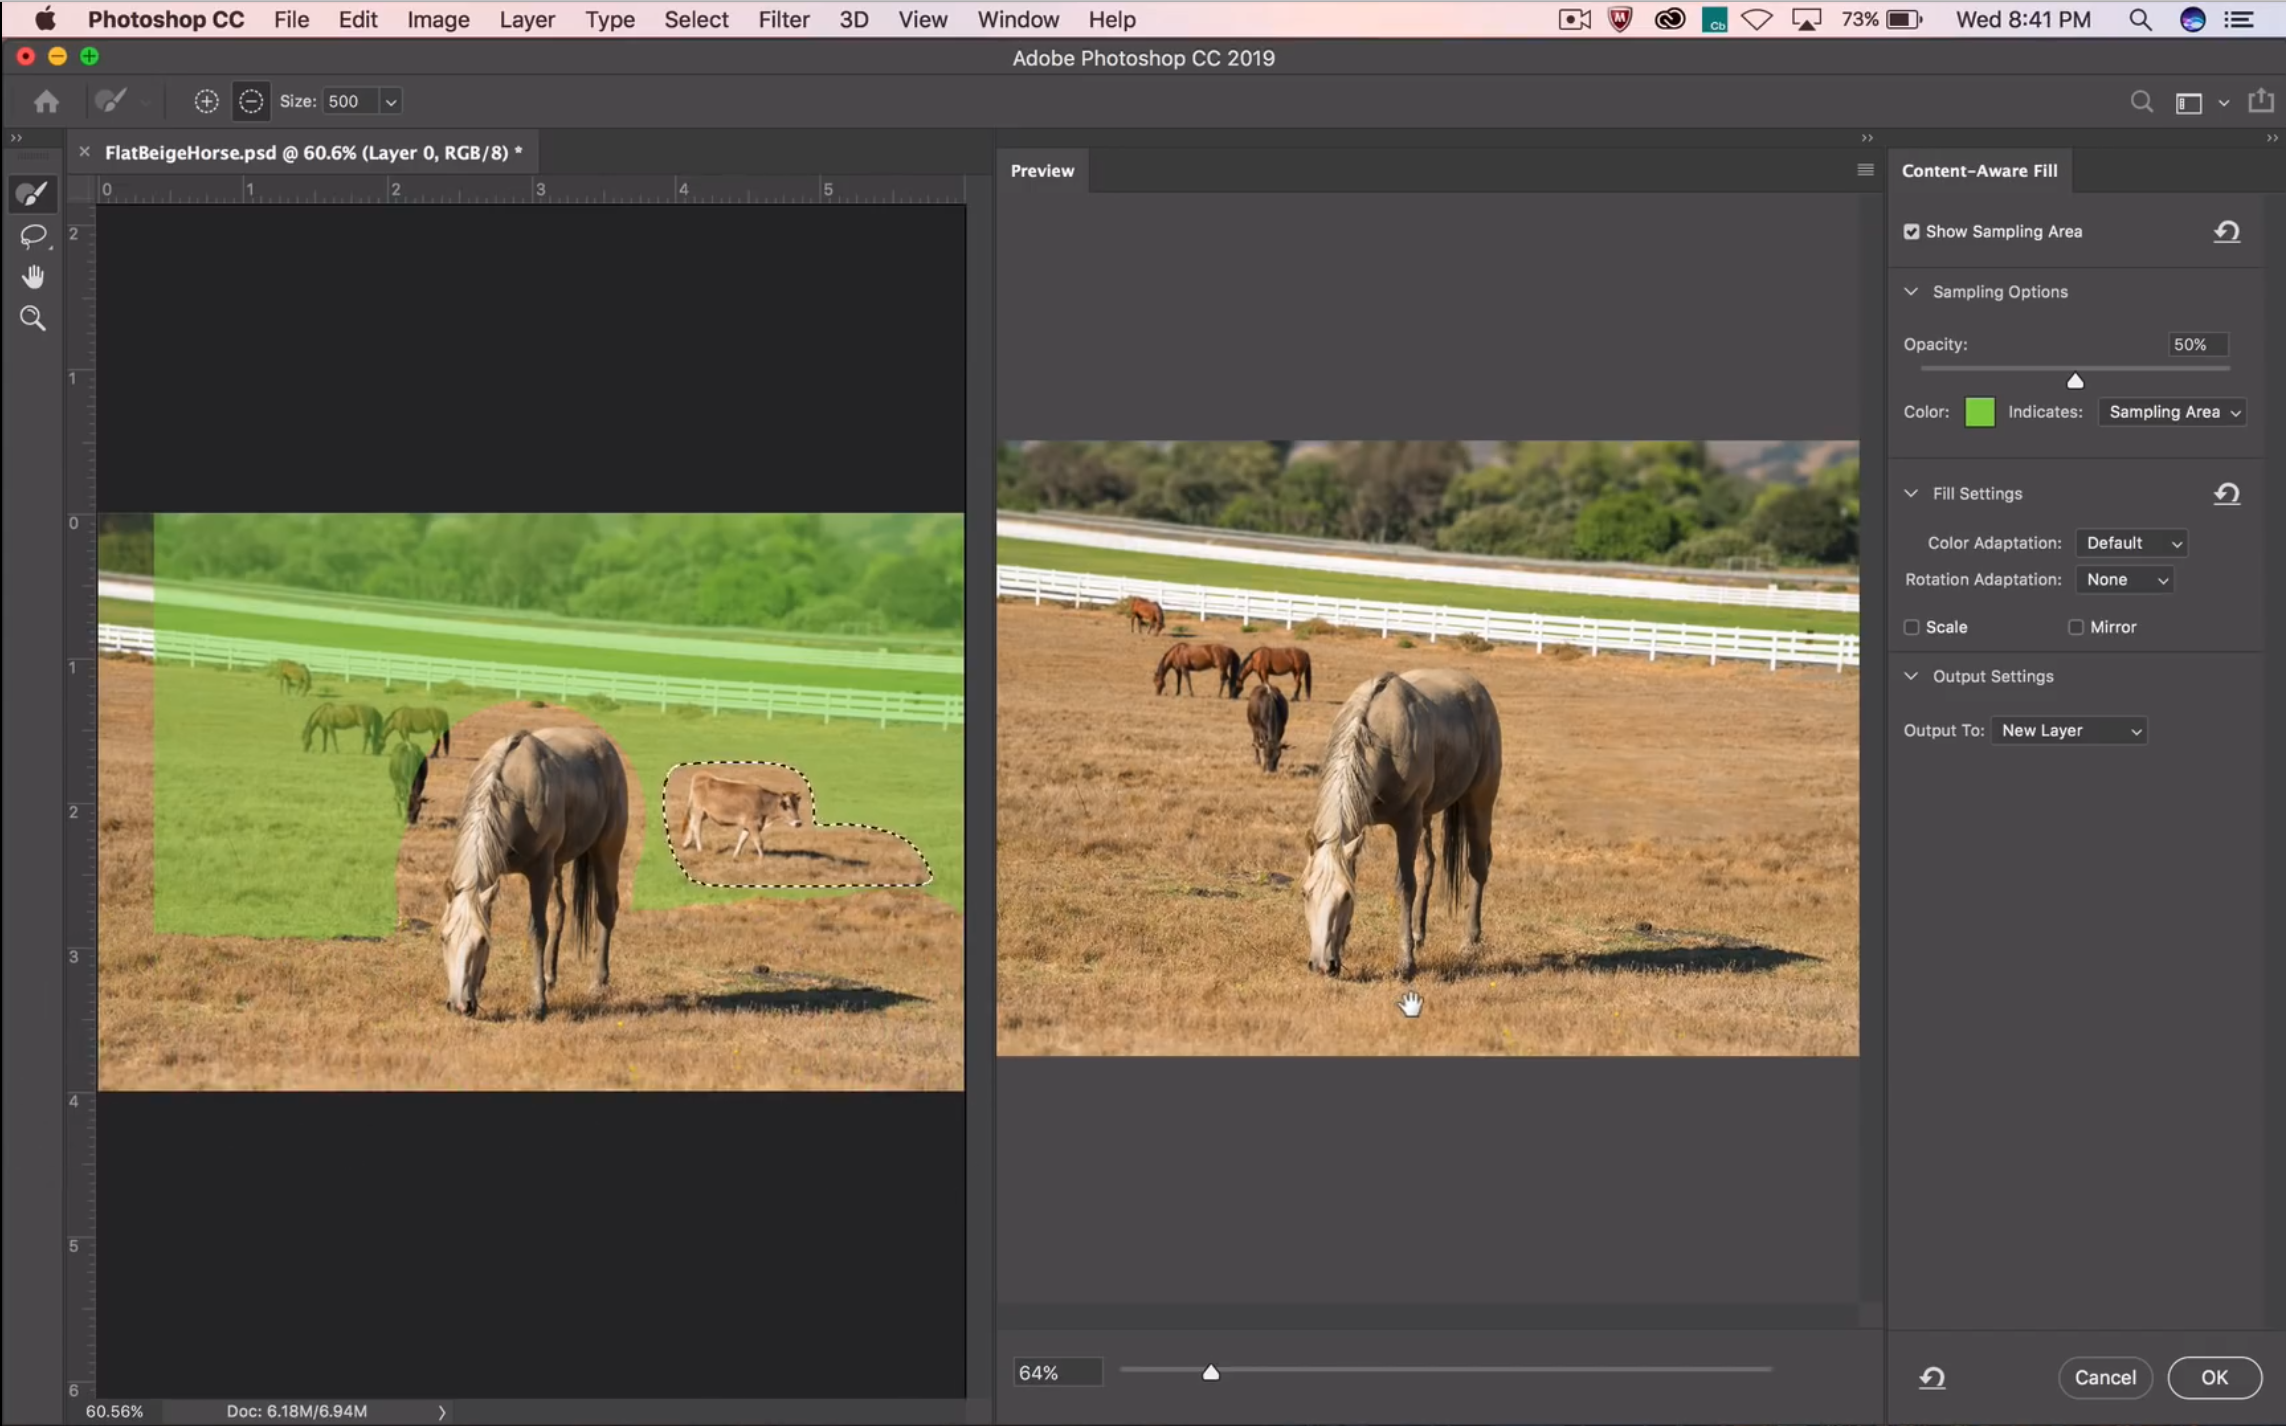 Remplissage intelligent en fonction du contenu dans Photoshop CC